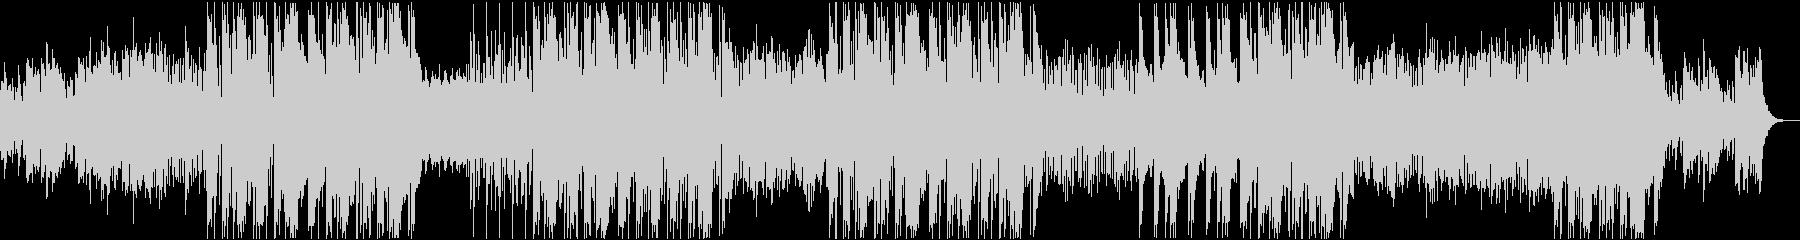 センチメンタルなCHILL系HIPHOPの未再生の波形